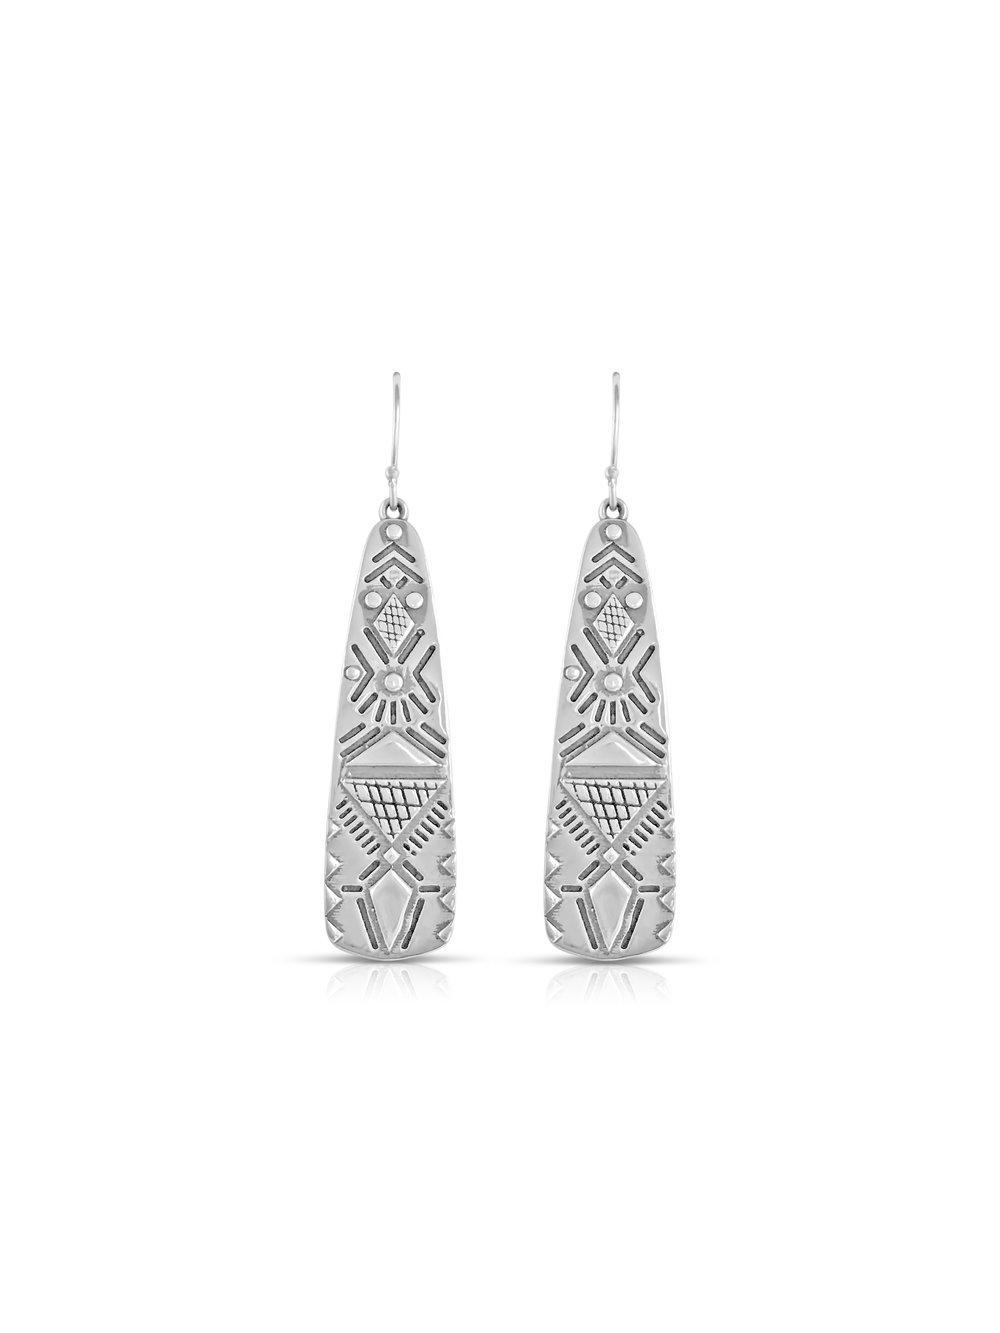 Sierra Winter Jewelry Kaw Earrings Front Silver.jpg